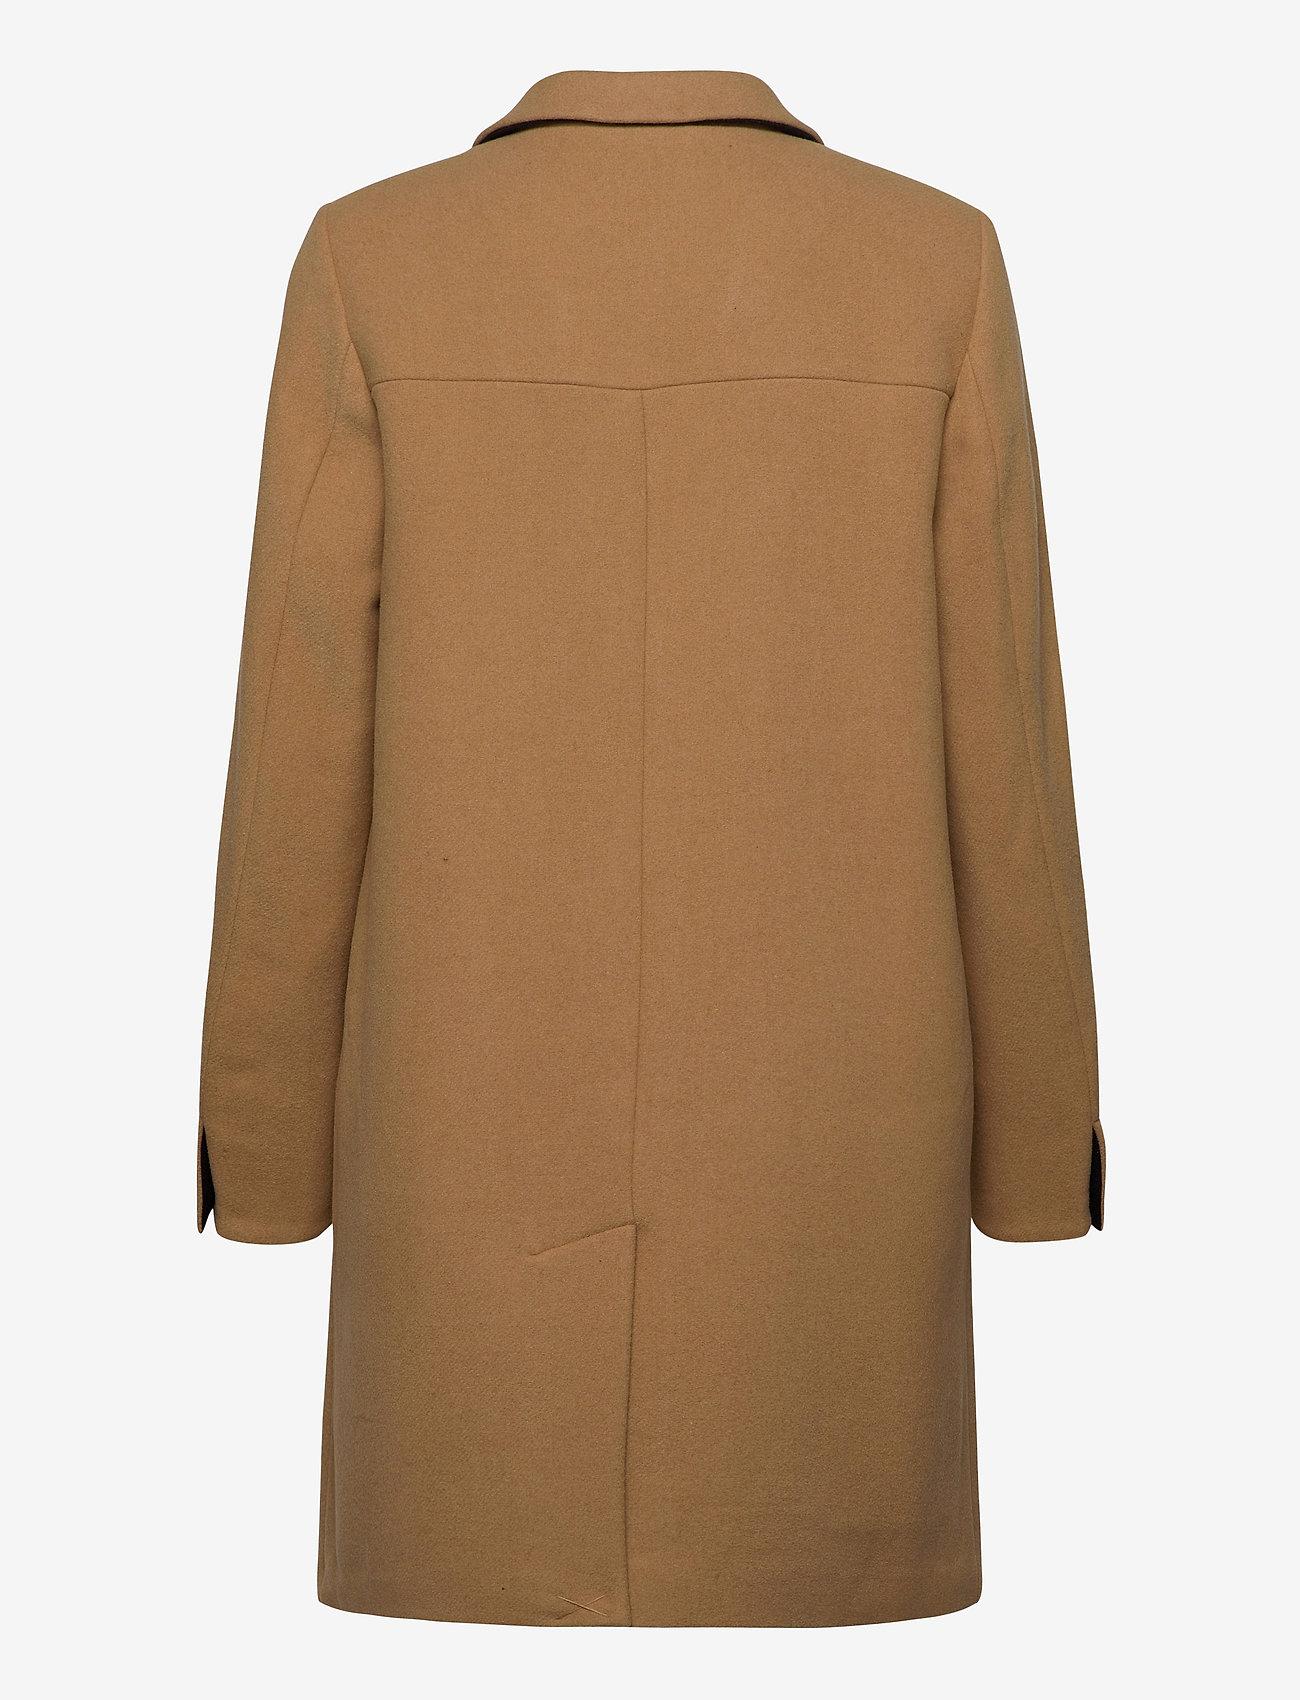 Esprit Casual - Coats woven - manteaux en laine - camel - 1